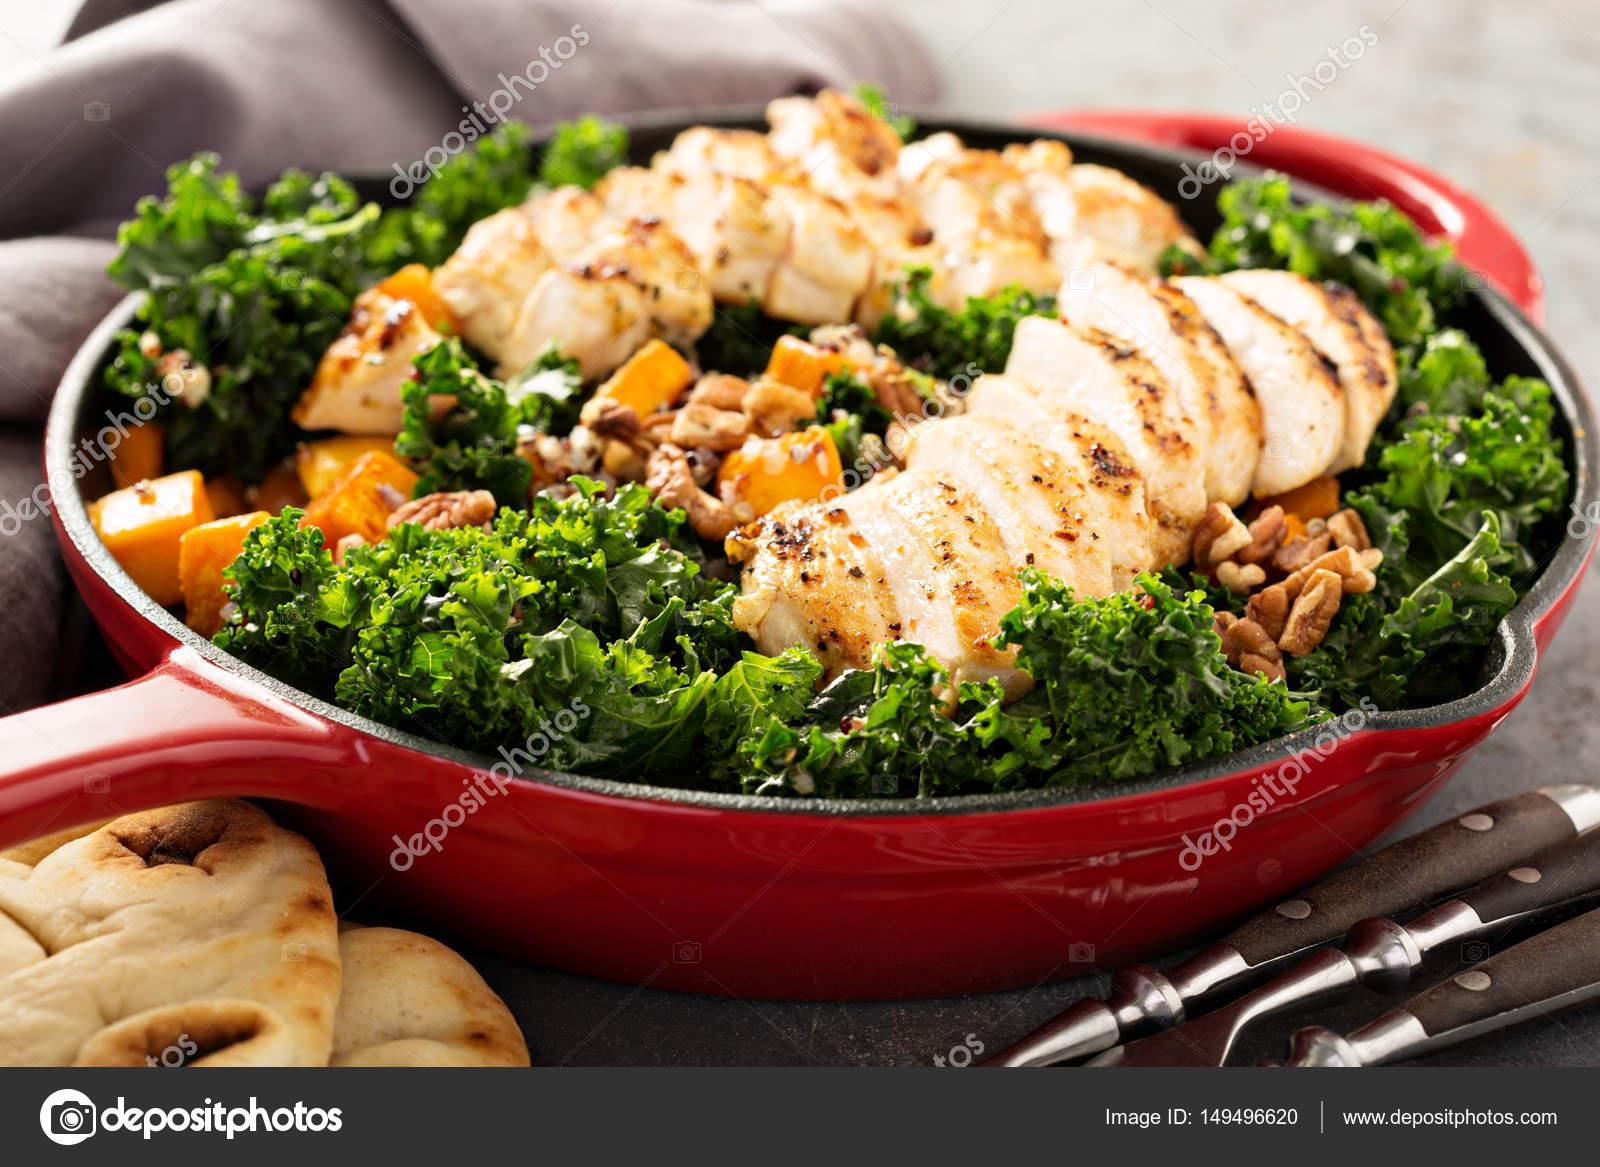 Zdrowy I Szybki Obiad Z Kurczaka Z Grilla Zdjecie Stockowe